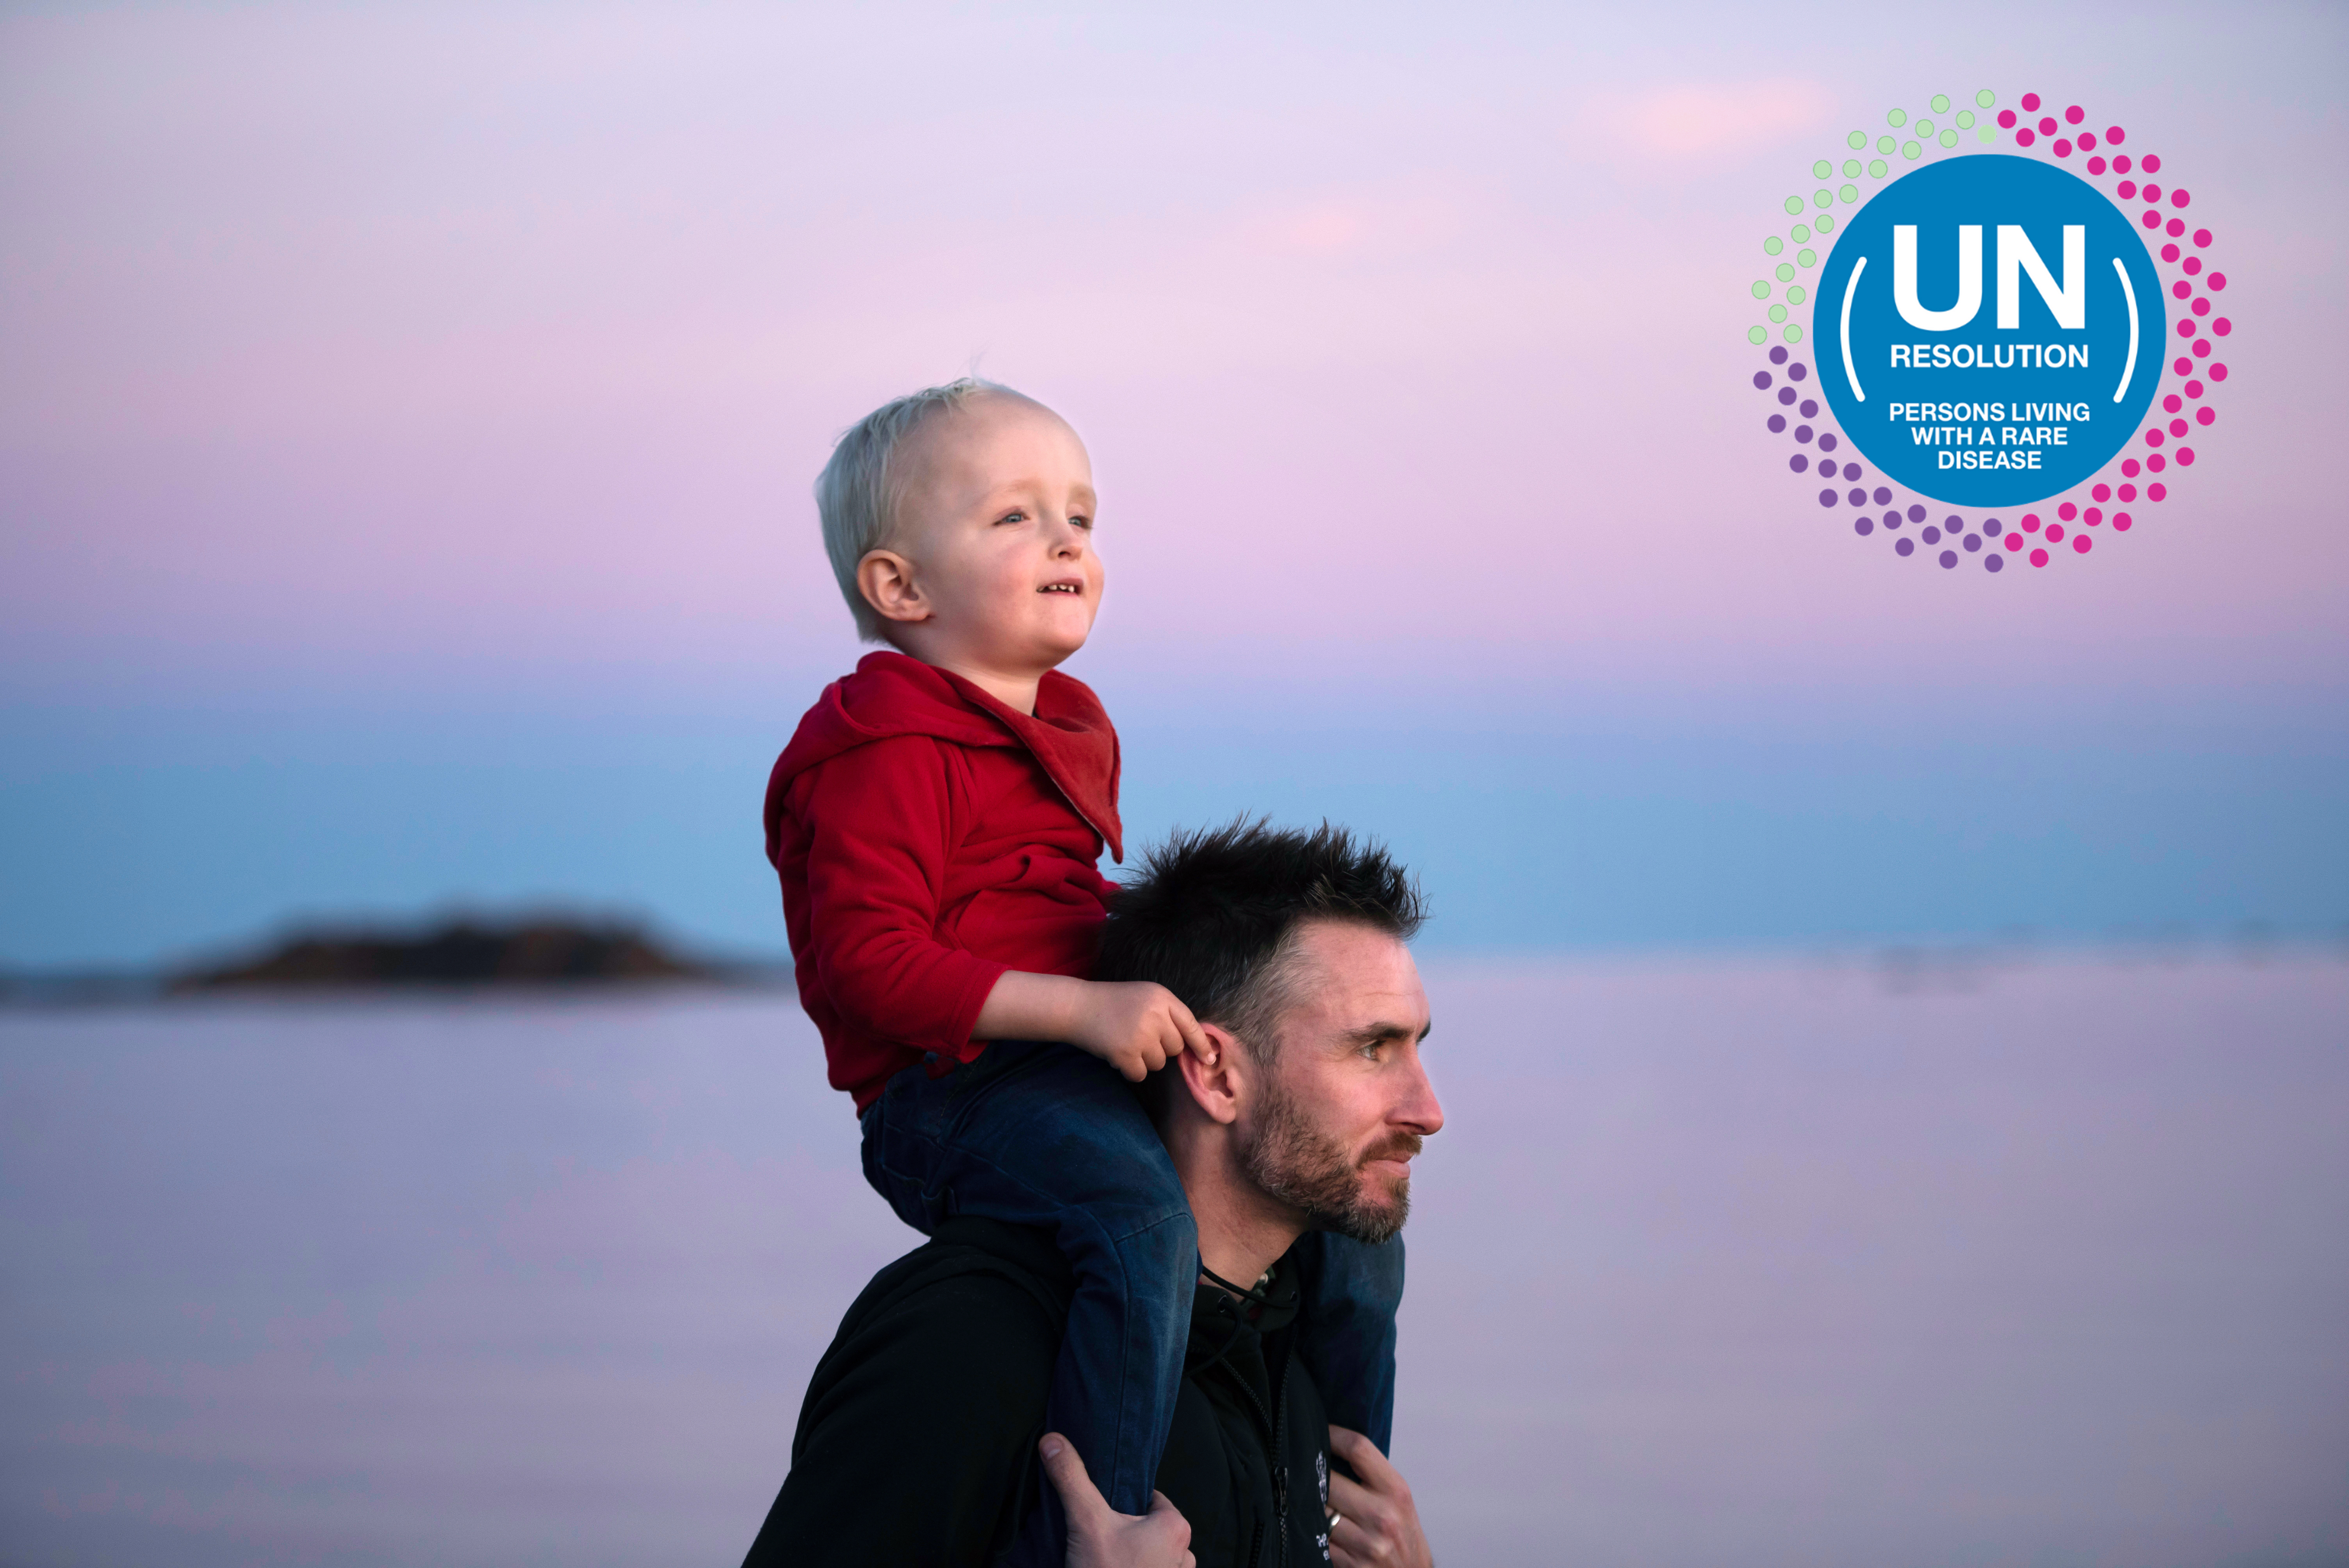 Pai e filho a olhar para o horizonte